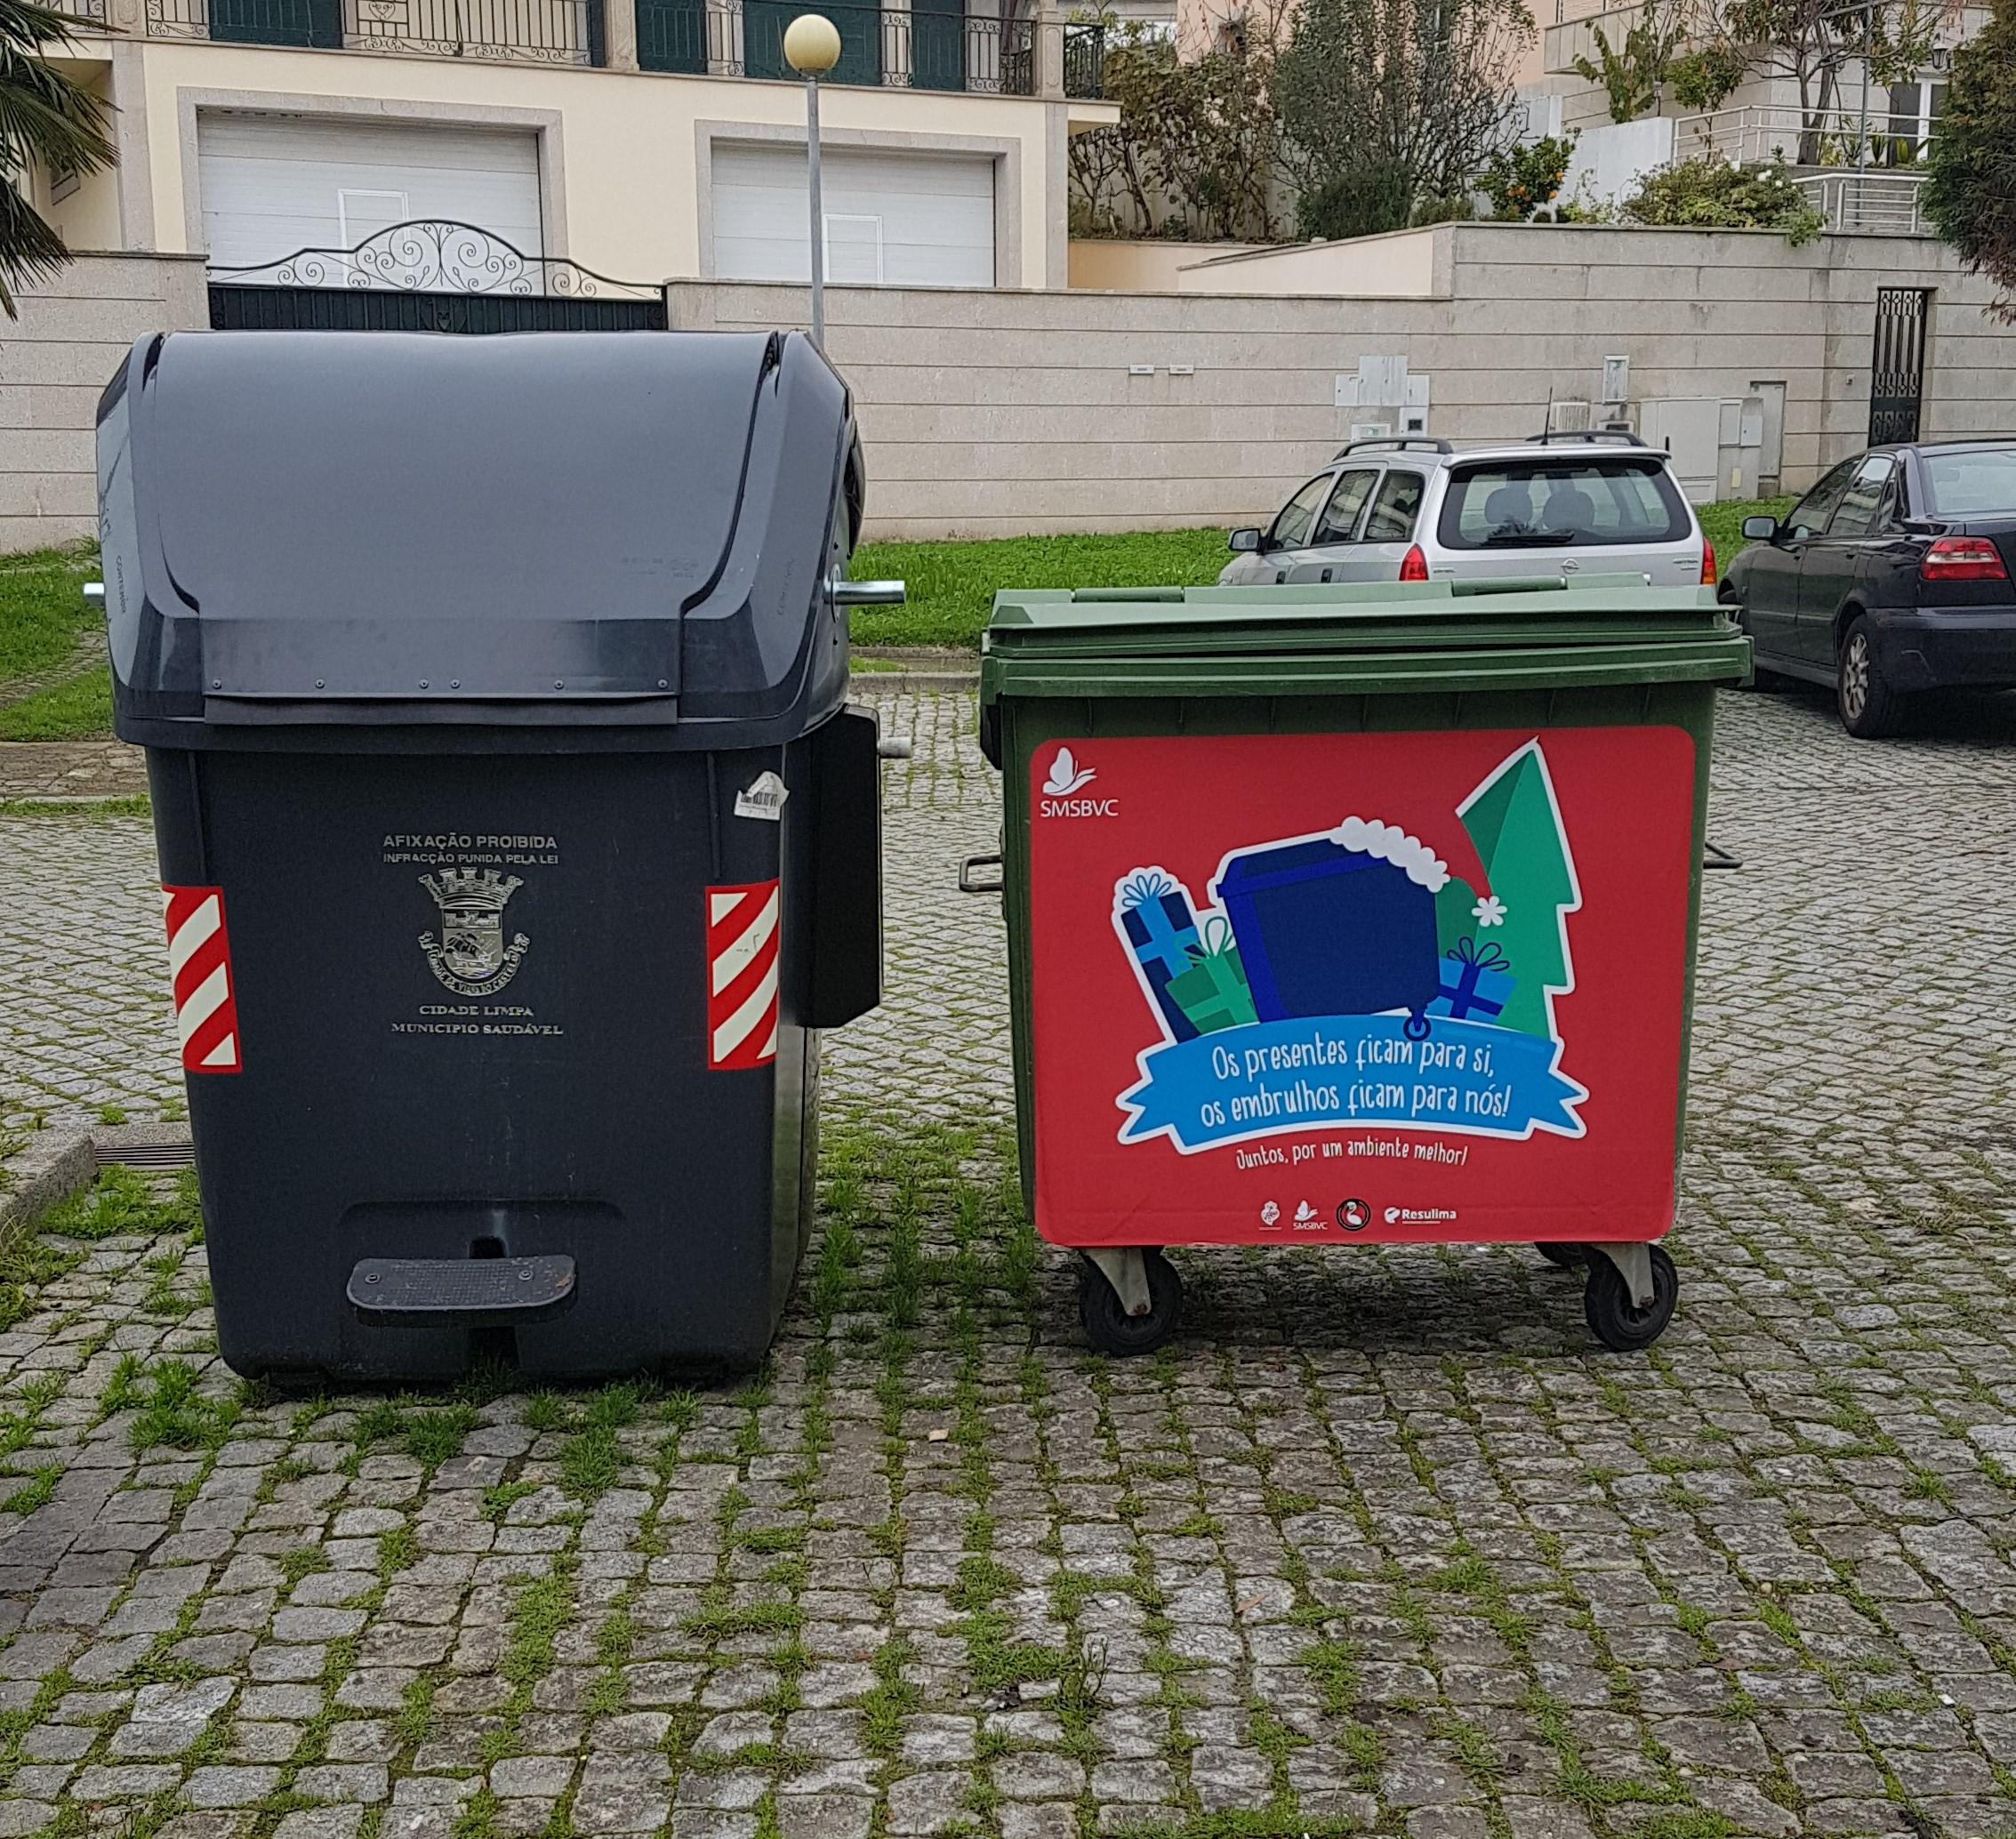 Campanha para reciclar papel dos presentes arranca na véspera de Natal em Viana